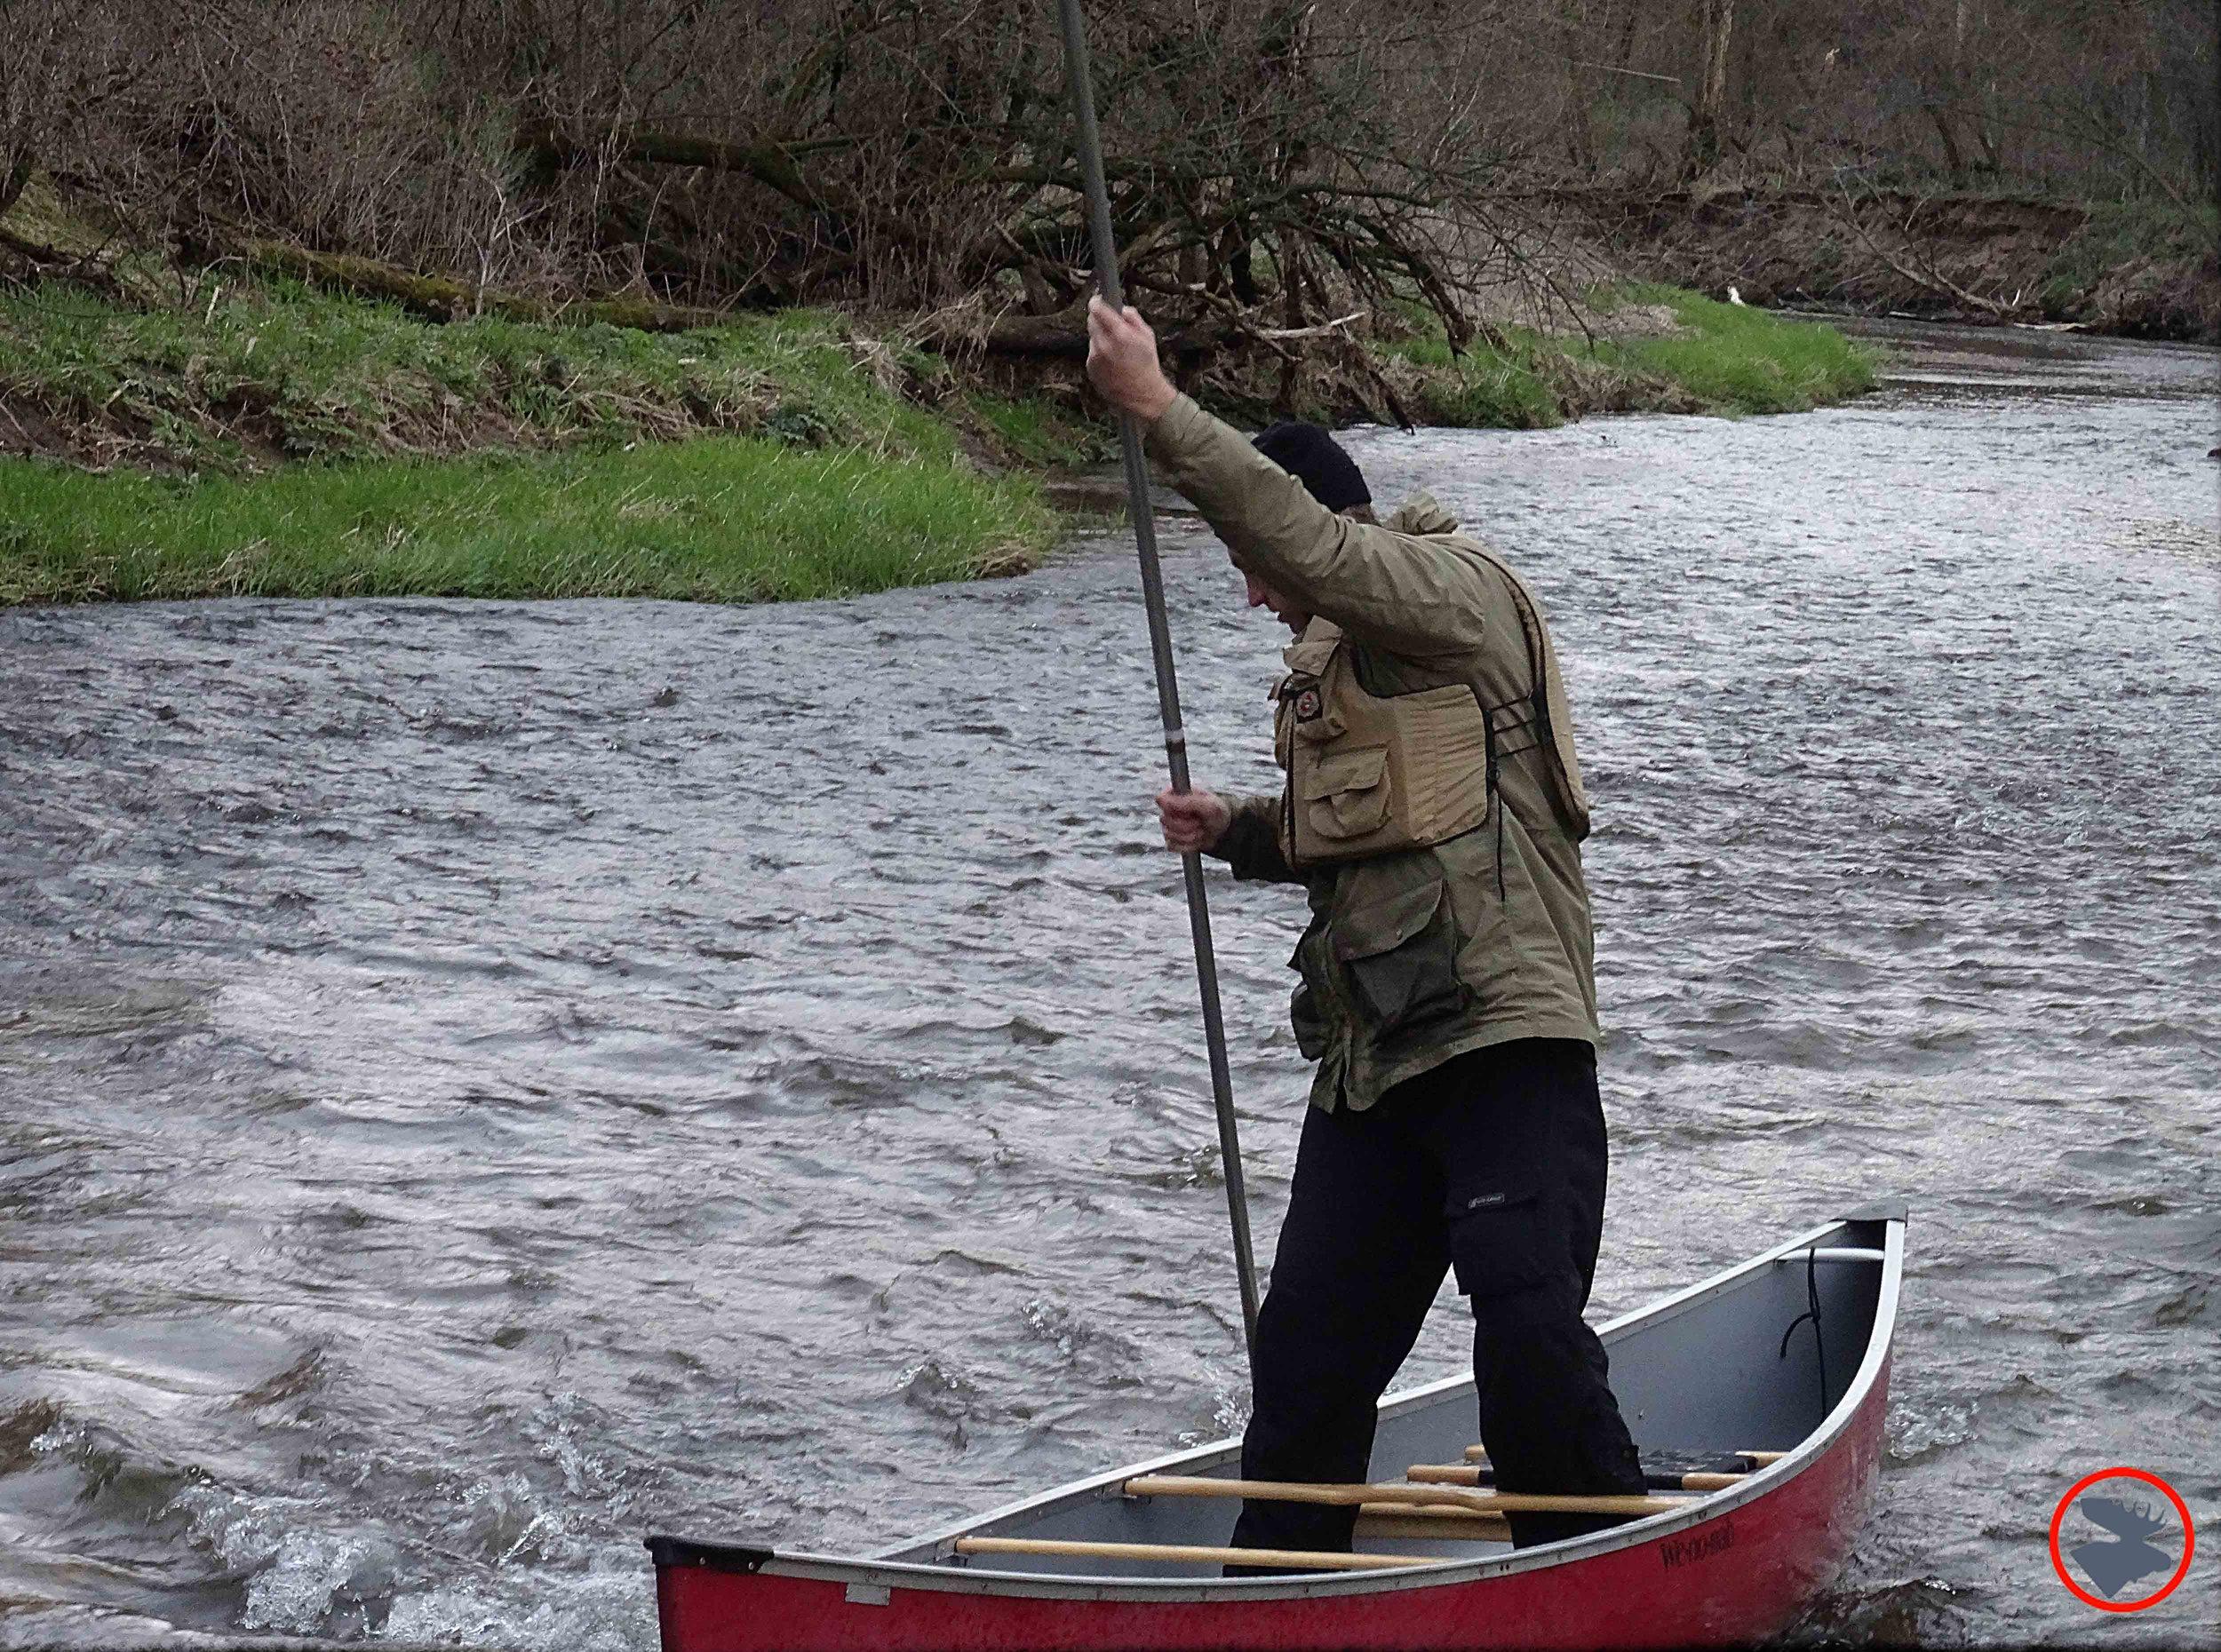 BMP-Post_Kinnickinnic-River_Scott-Canoe-Poling4_June 2019.jpg